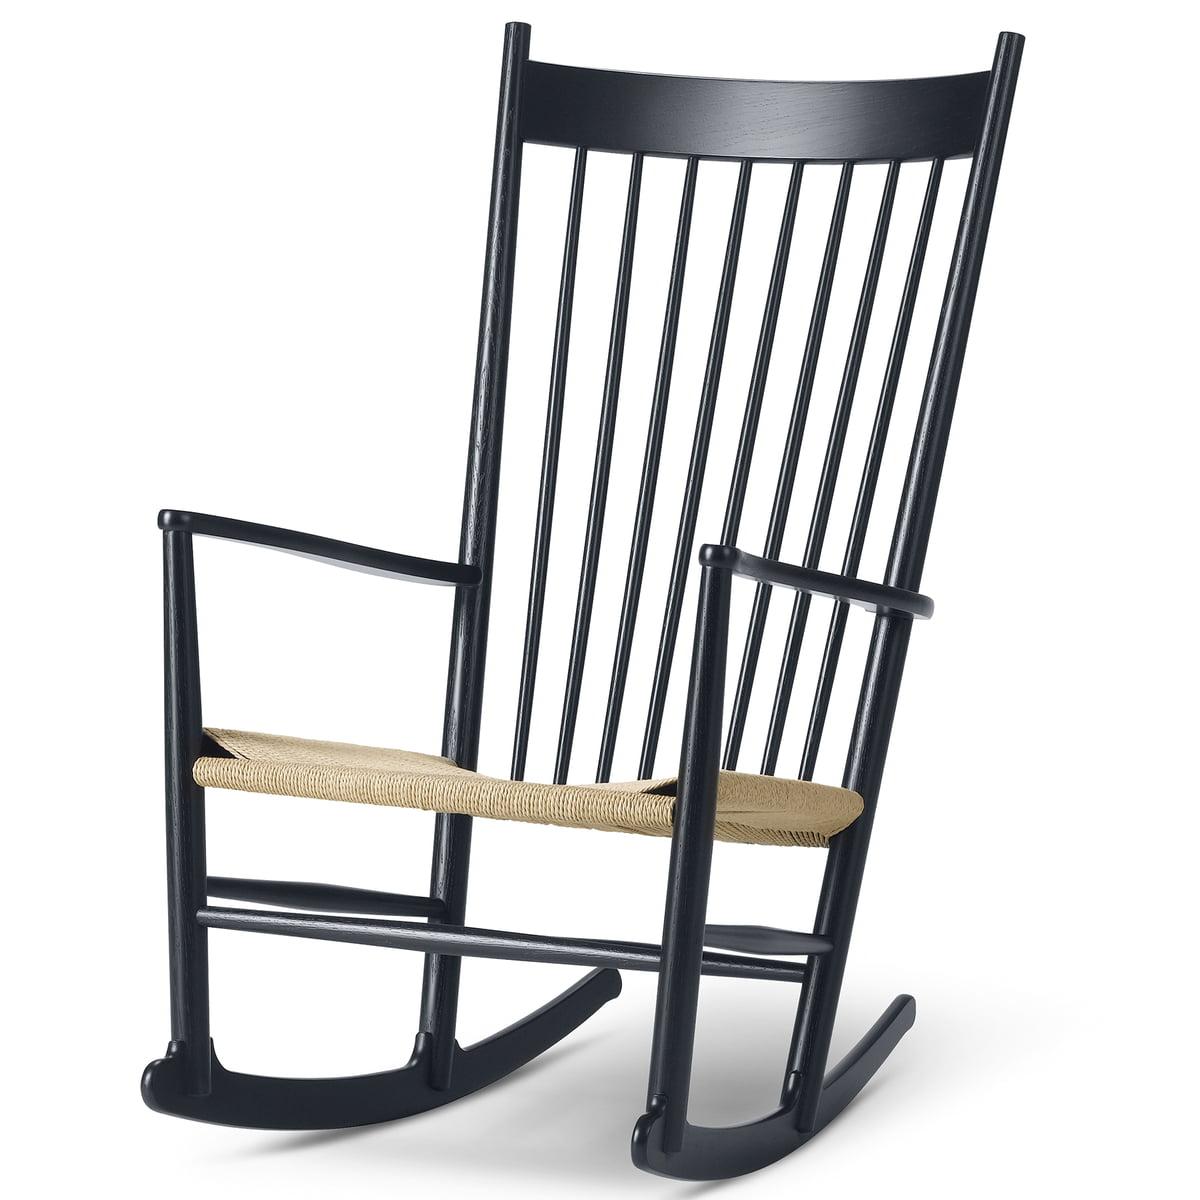 Fredericia Furniture Fredericia - J16 Schaukelstuhl, Eiche schwarz lackiert / natur | Wohnzimmer > Stüle | Eiche lackiert -  schwarz | Fredericia Furniture